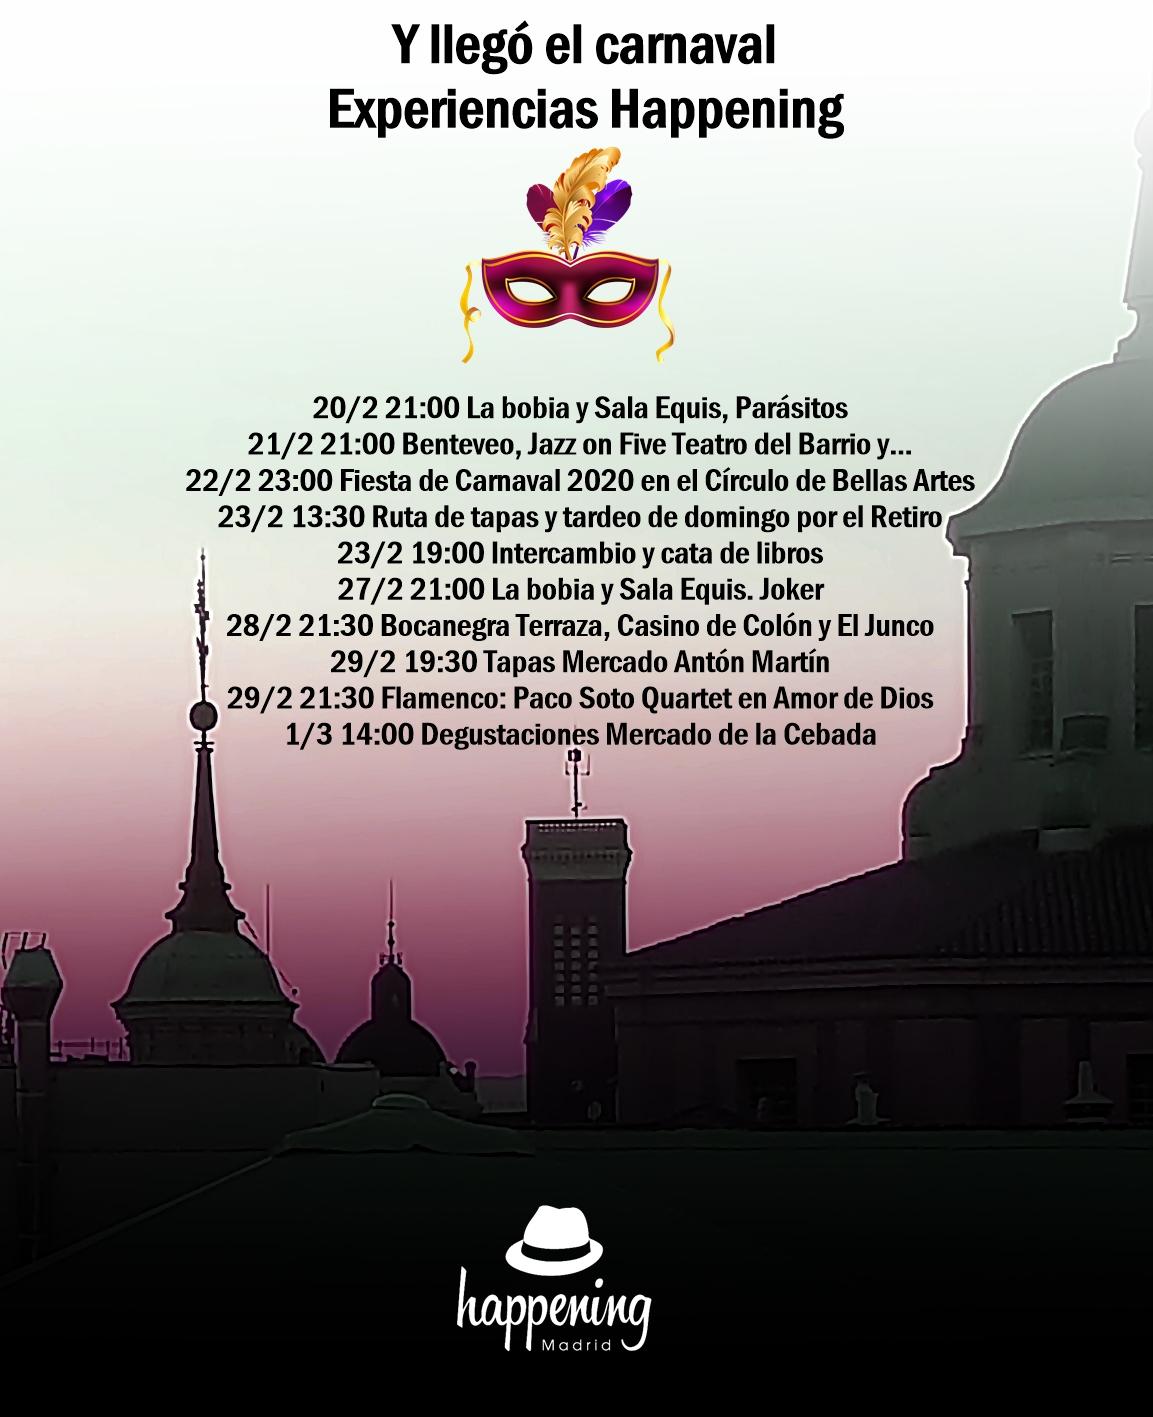 experiencias happening en carnaval 2020 - Experiencias Happening en Carnaval 2020